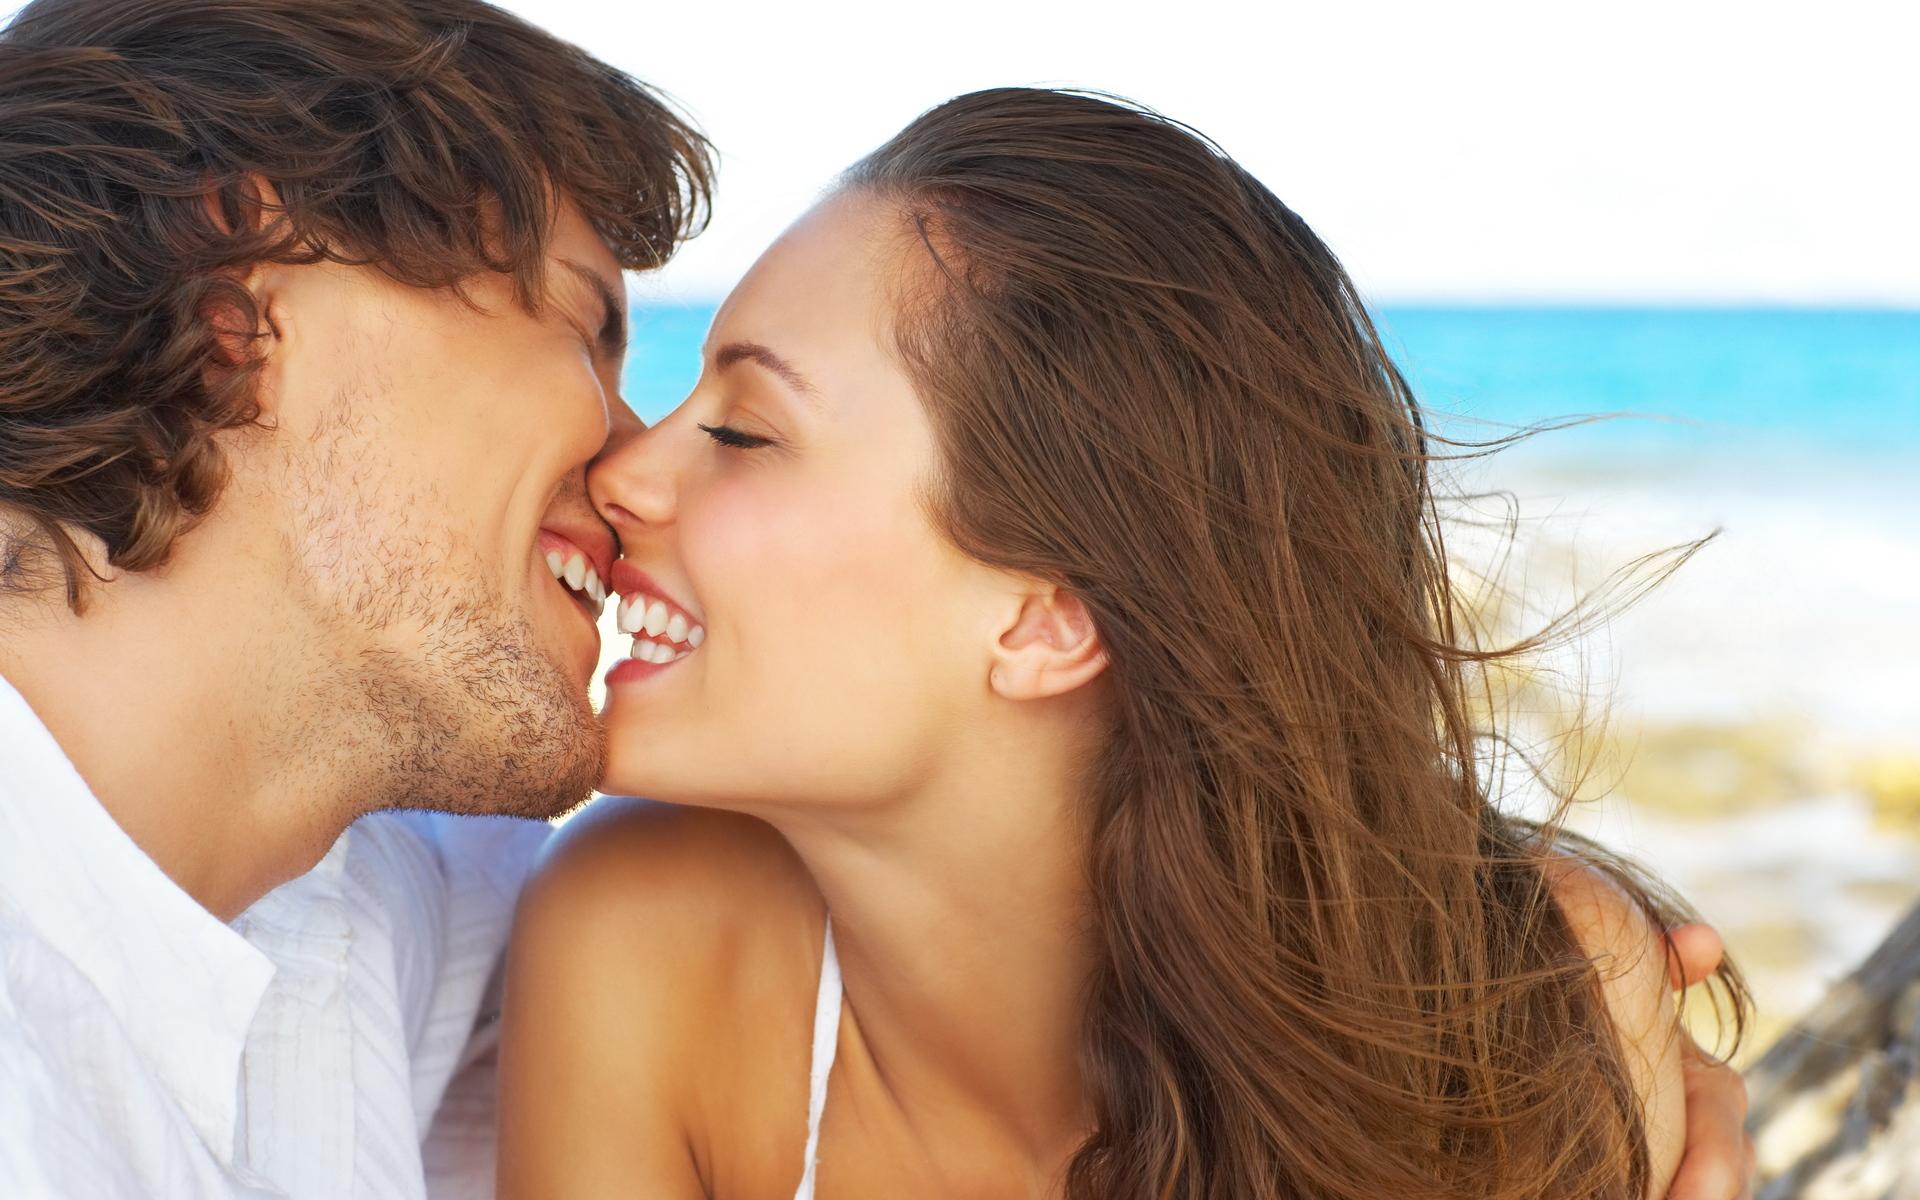 картинки мужчины который любит целоваться фото, подробности личной